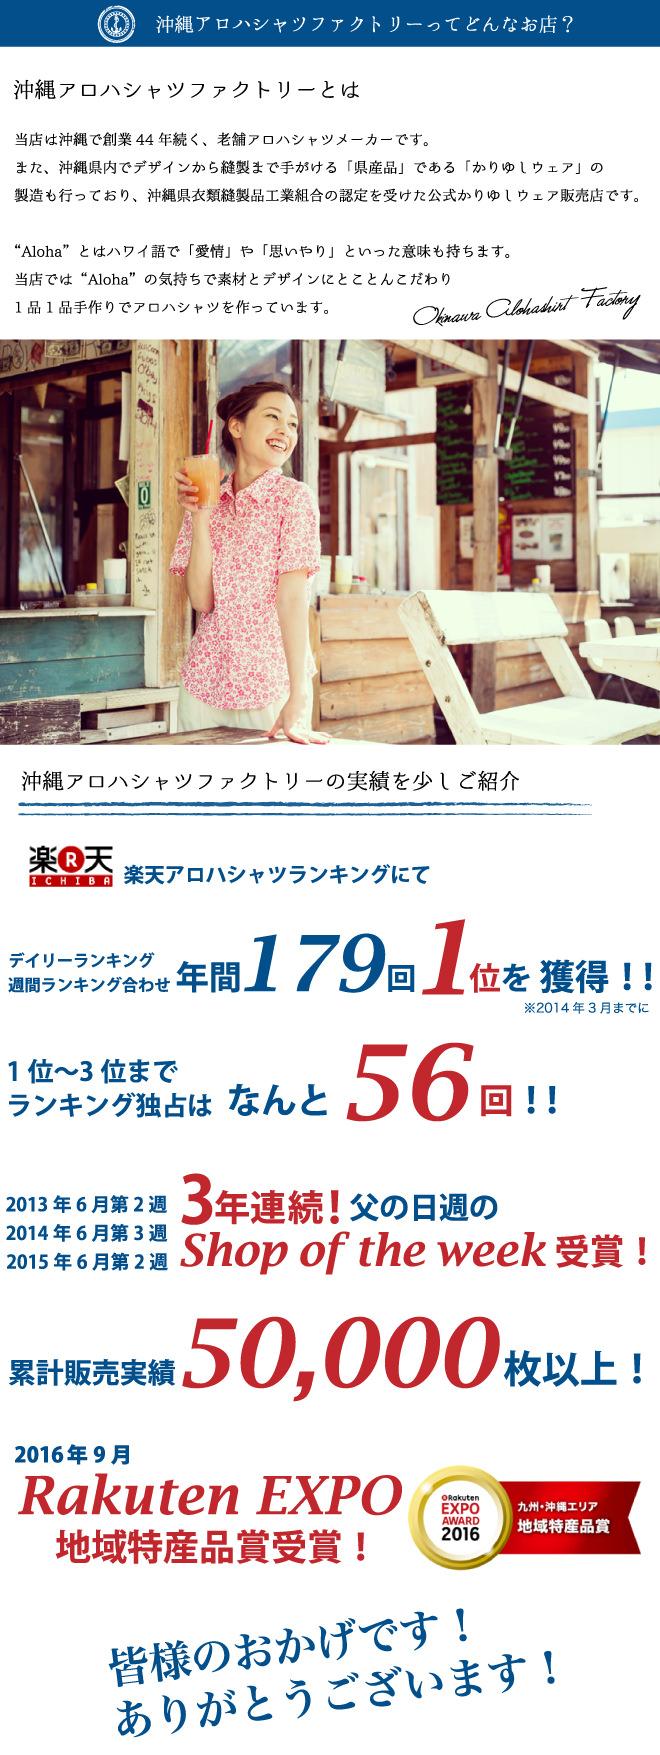 """メール便送料無料!アロハチュニックワンピース かりゆしウェア """"Sweet HIBI (スウィートハイビ)"""" レディース(女性用) チュニックワンピース 全6色 大きいサイズあり  リゾートウエディング 沖縄結婚式にアロハシャツ"""